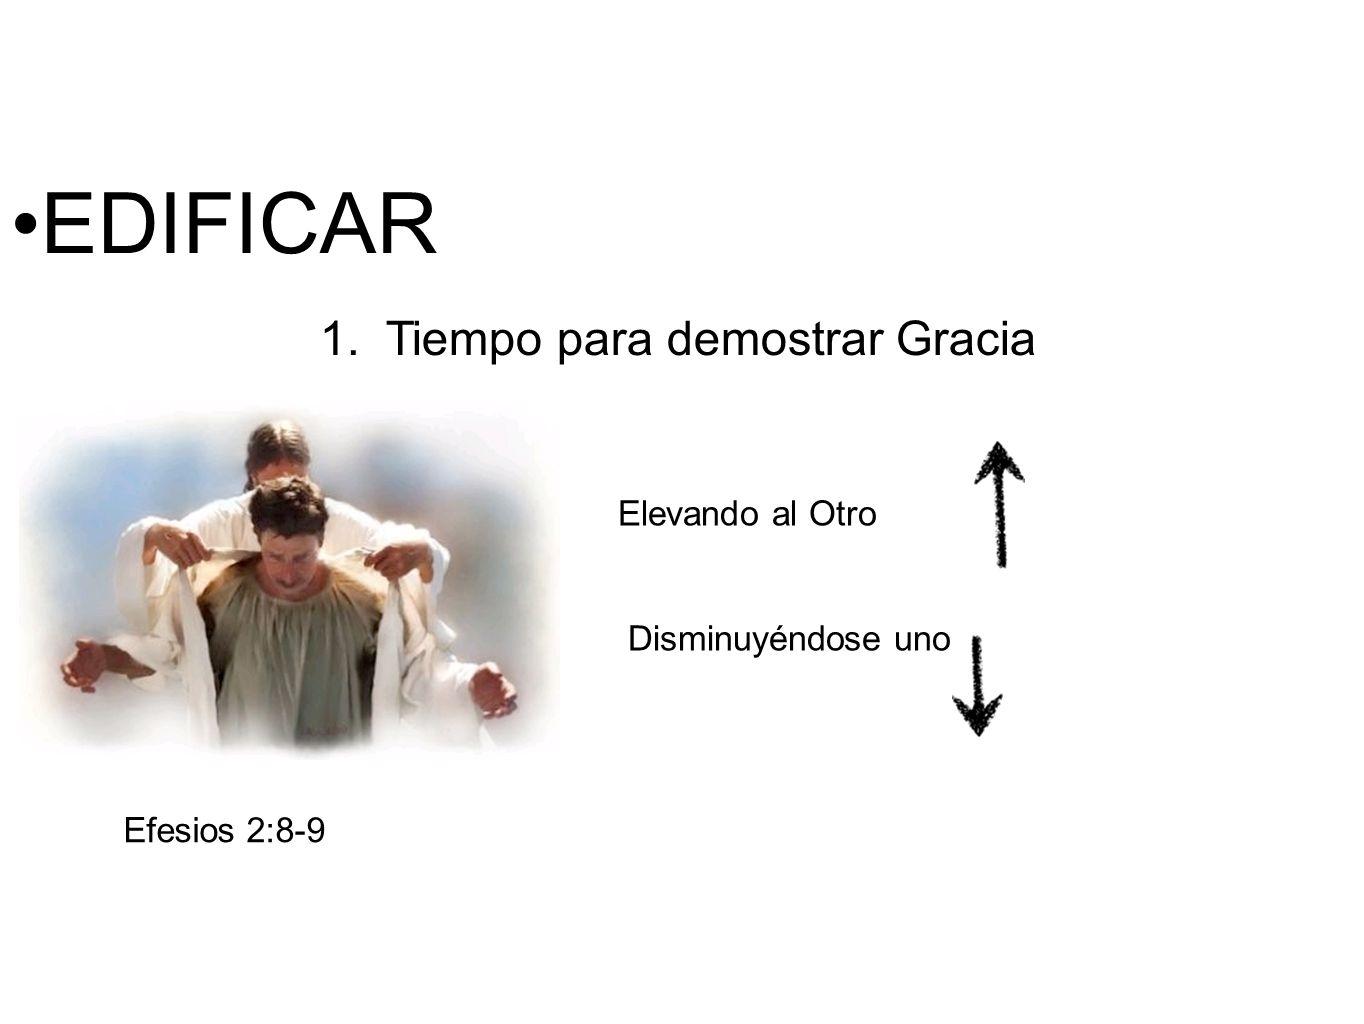 EDIFICAR 1. Tiempo para demostrar Gracia Efesios 2:8-9 Elevando al Otro Disminuyéndose uno